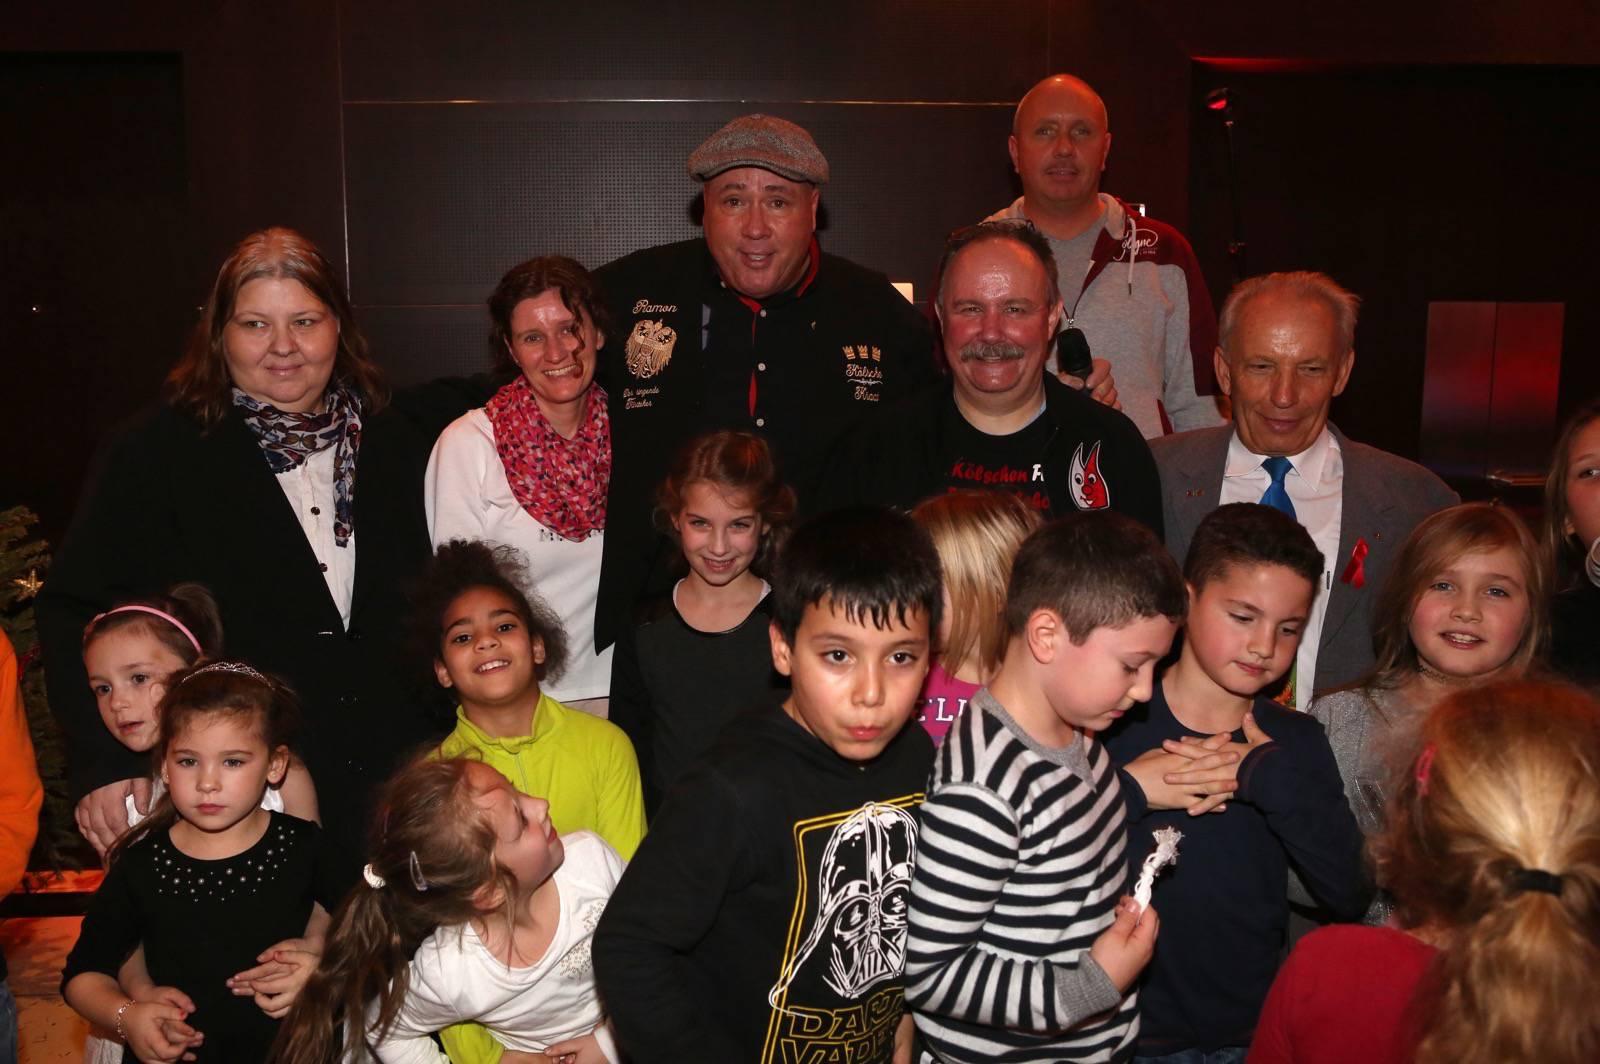 Weihnachtsfeier mit 100 Kinder im Hotel im Wasserturm Köln